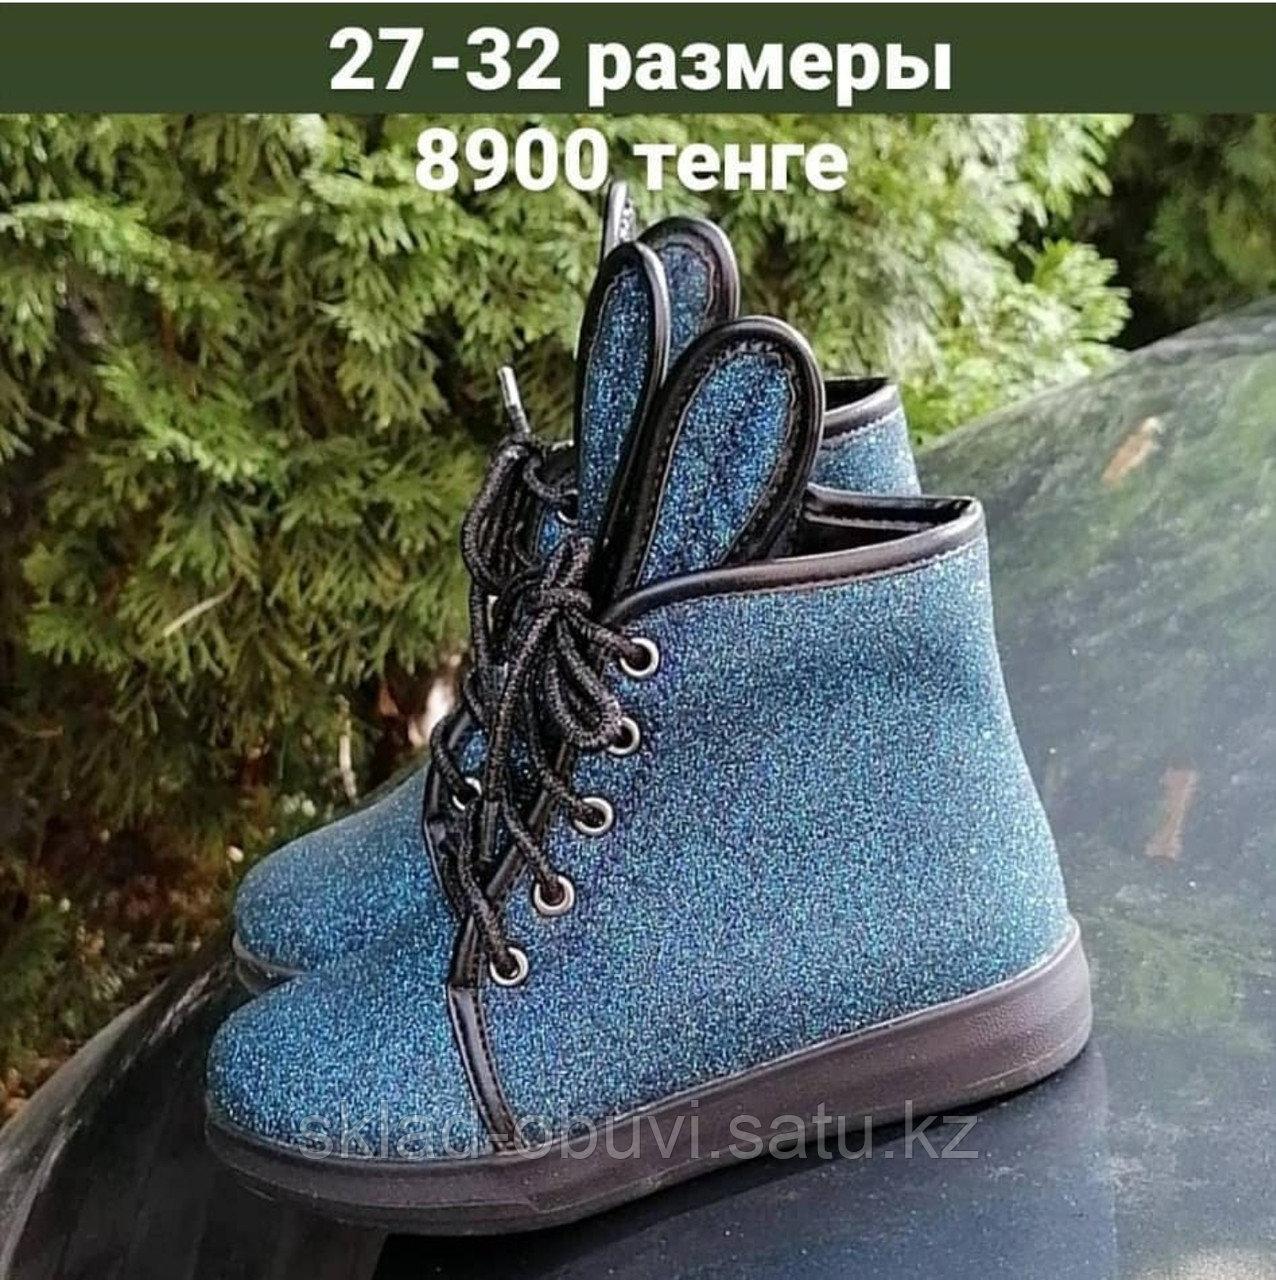 Детские утепленные ботинки на весну - фото 10